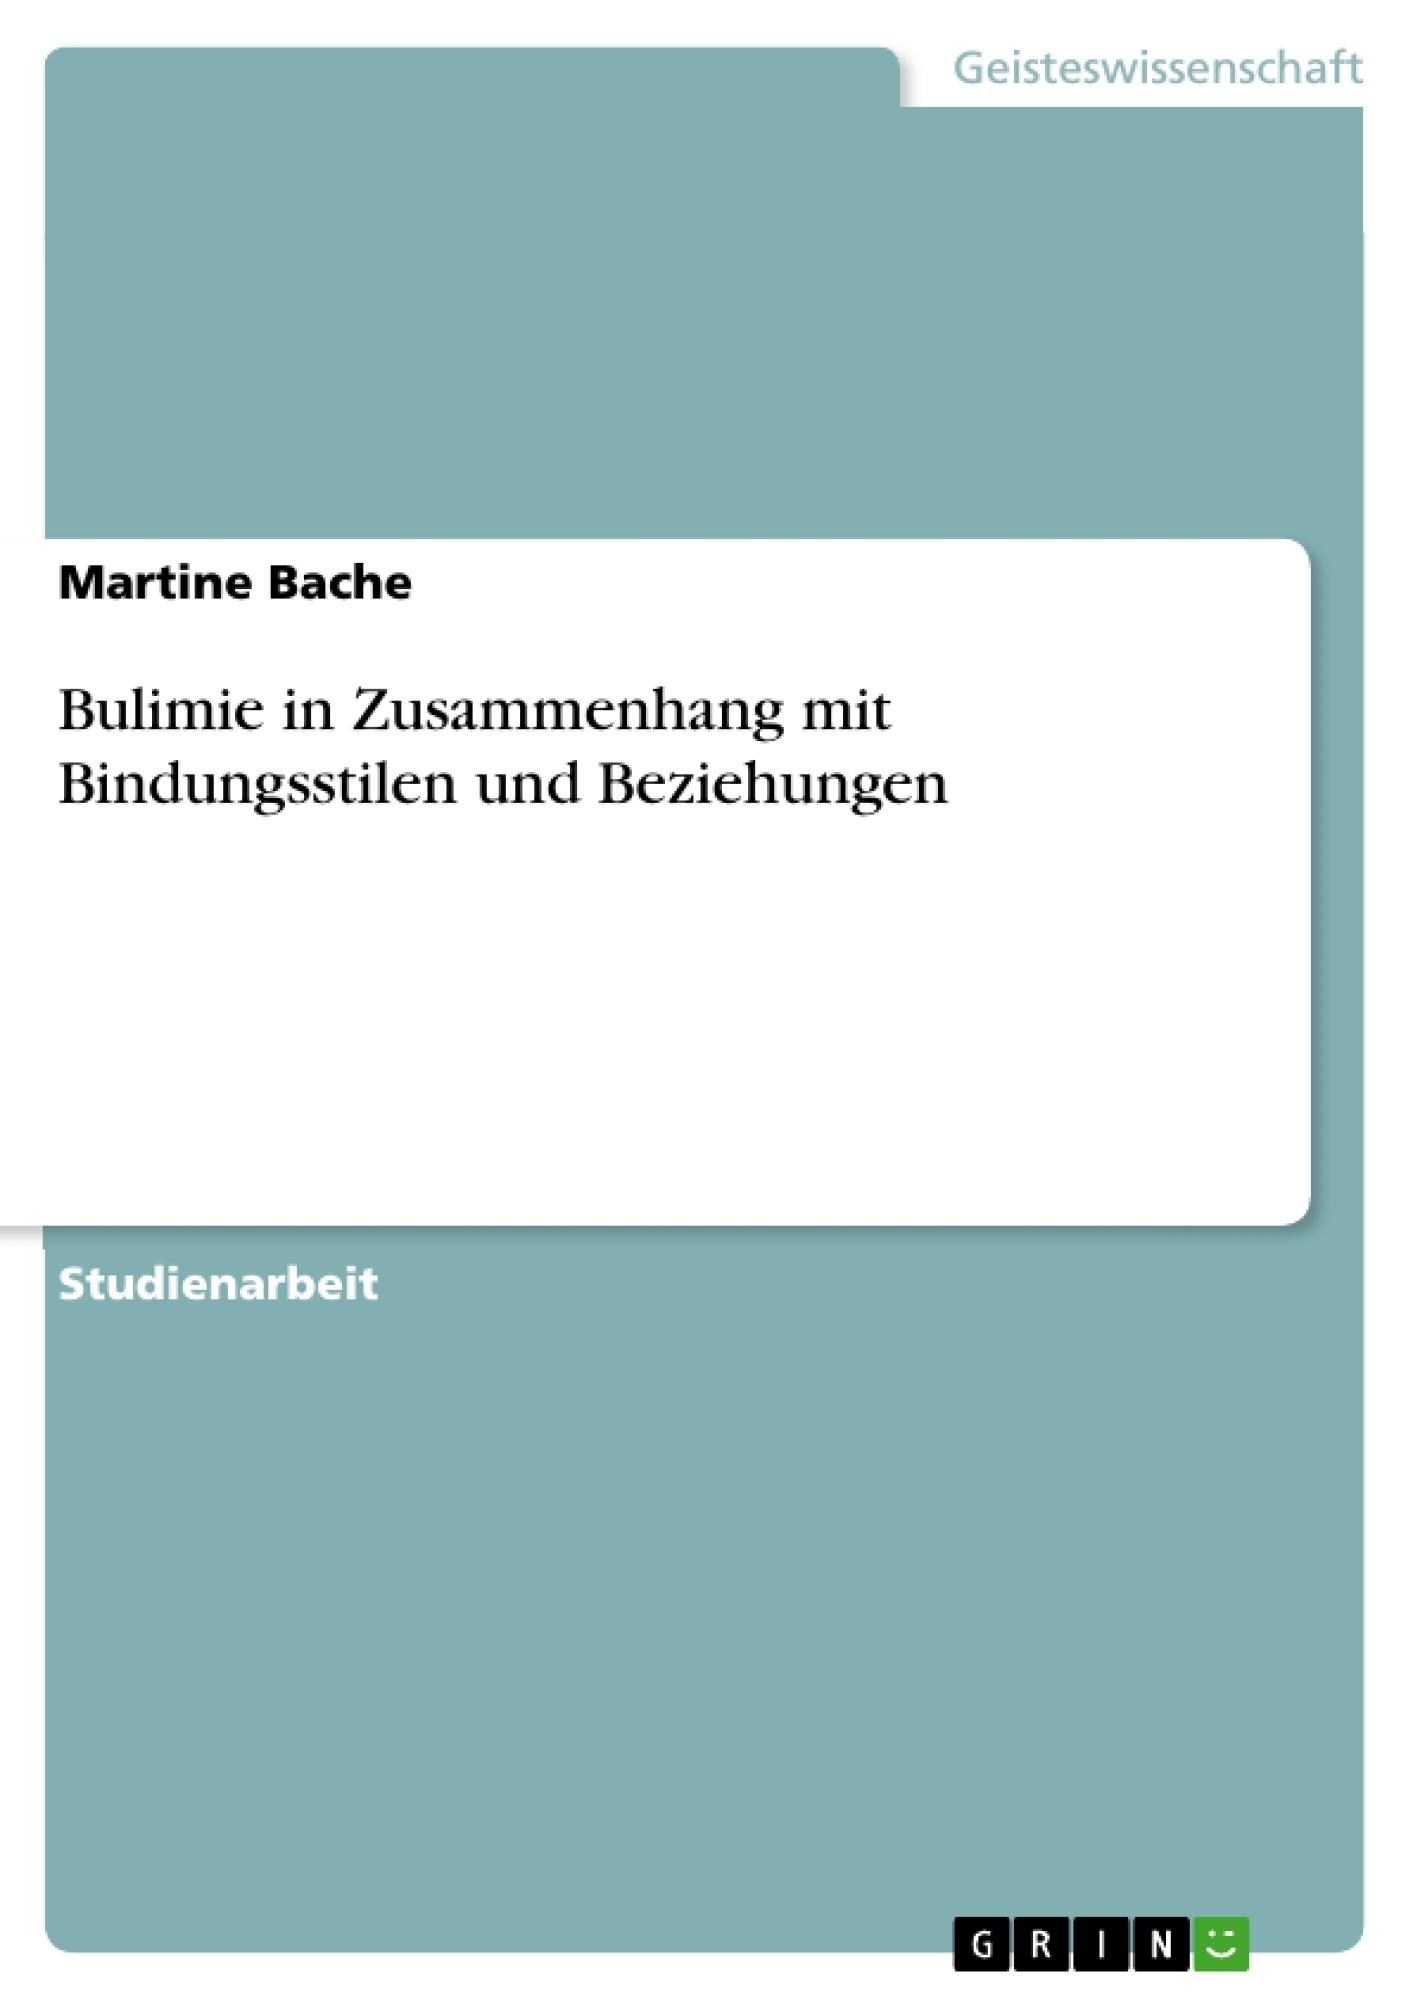 Titel: Bulimie in Zusammenhang mit Bindungsstilen und Beziehungen